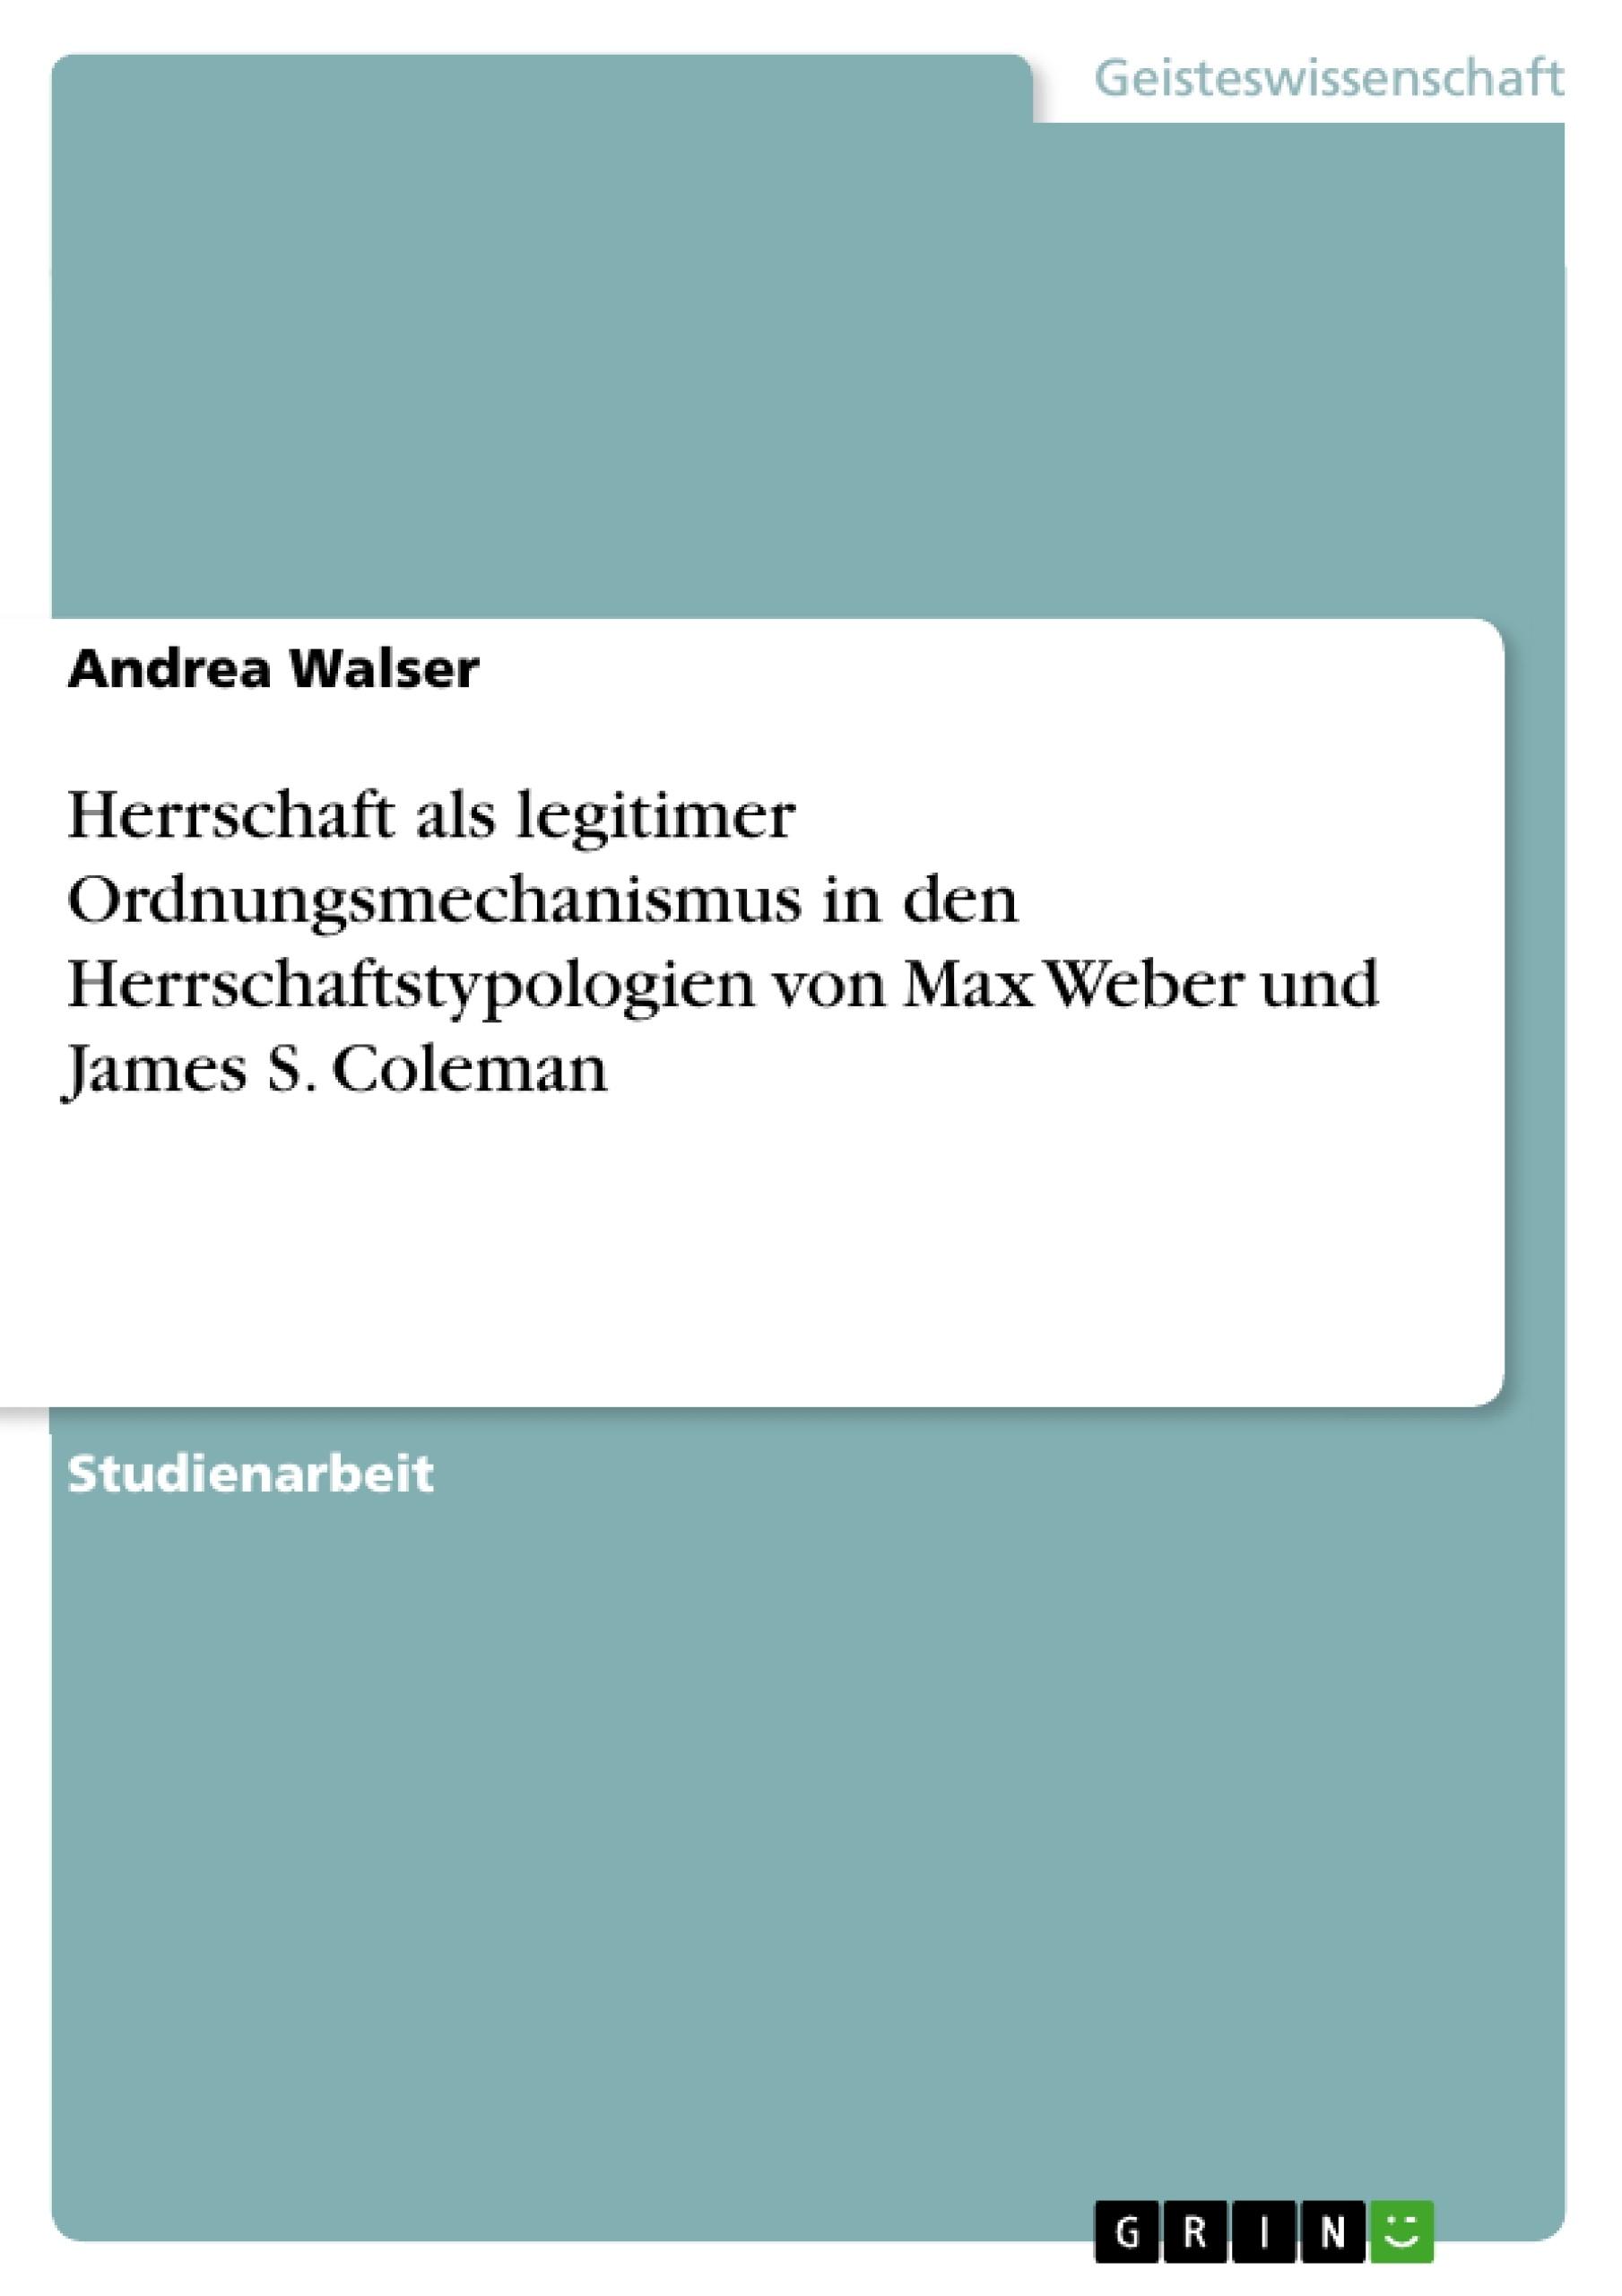 Titel: Herrschaft als legitimer Ordnungsmechanismus in den Herrschaftstypologien von Max Weber und James S. Coleman